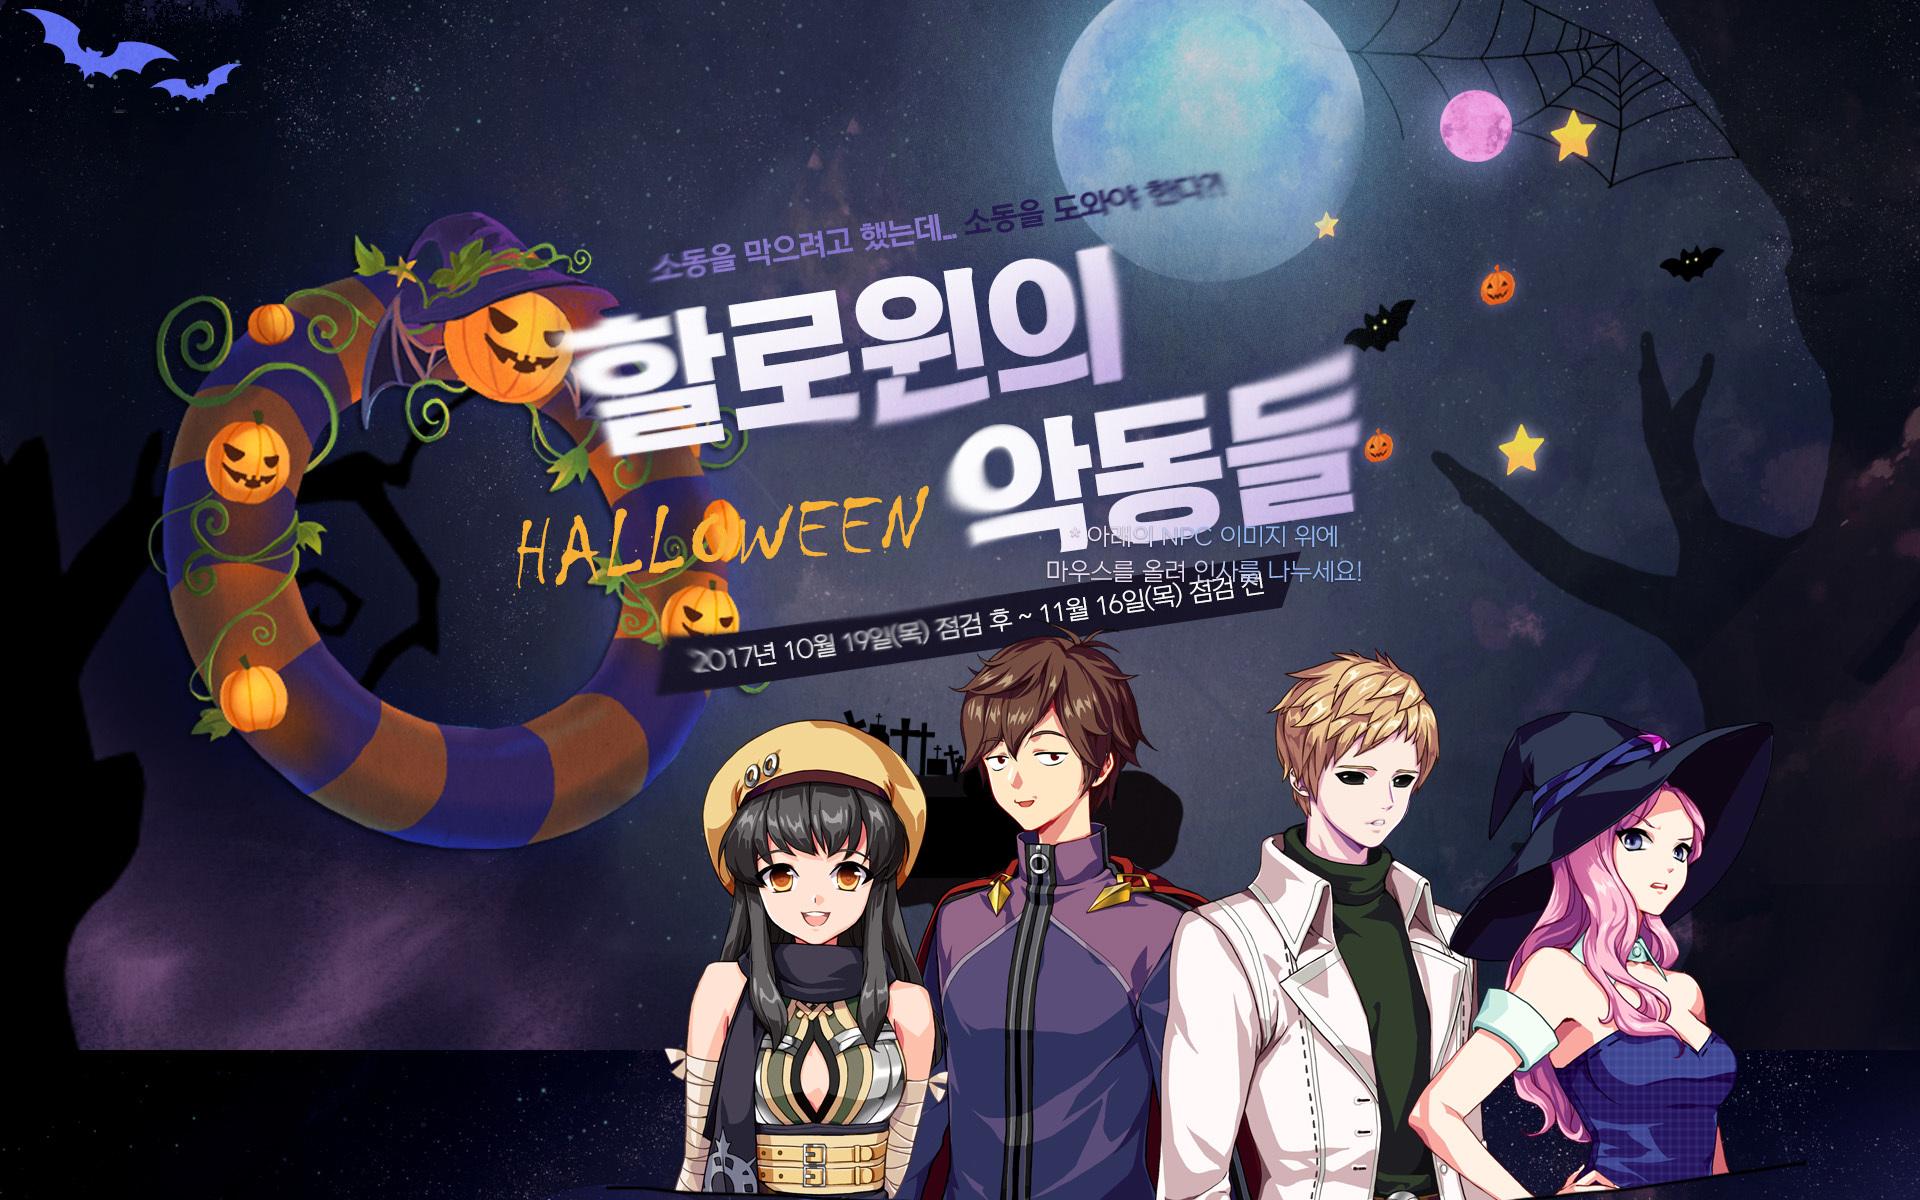 韓国ハロウィン2